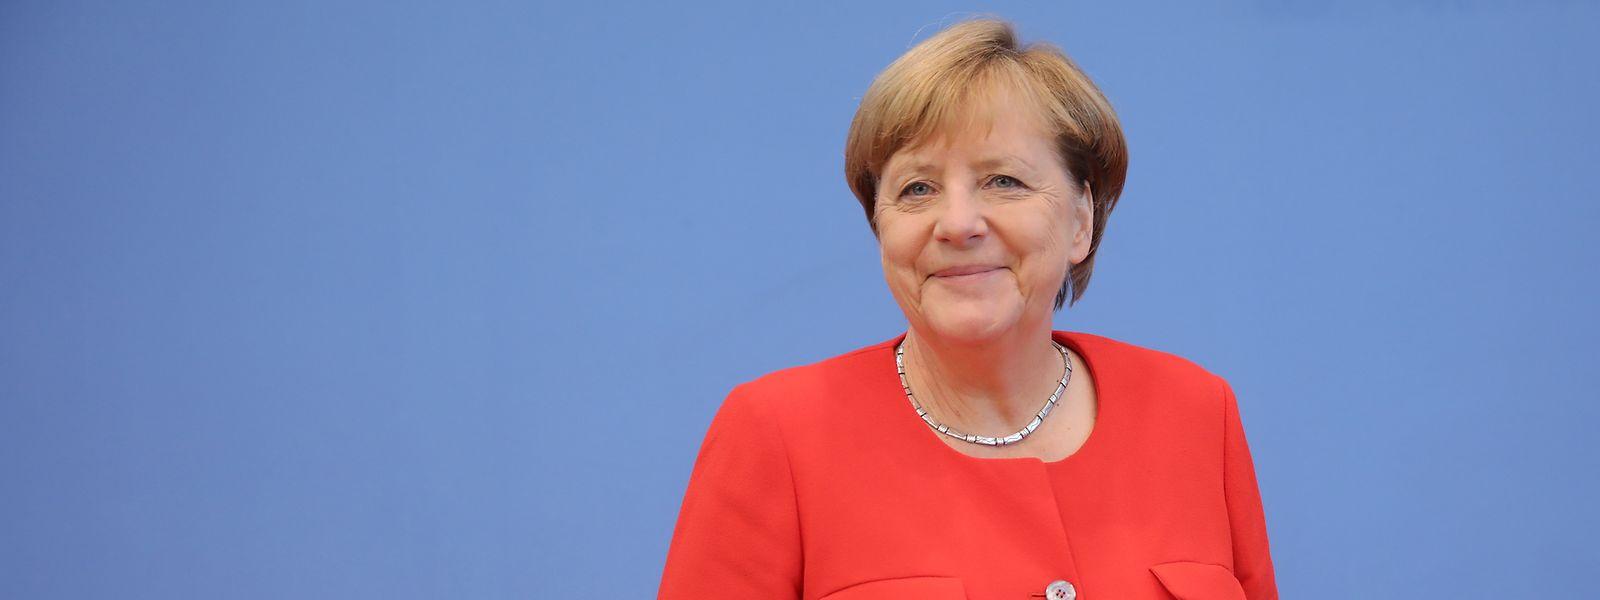 Angela Merkel im roten Blazer mit typischer Rautegeste.